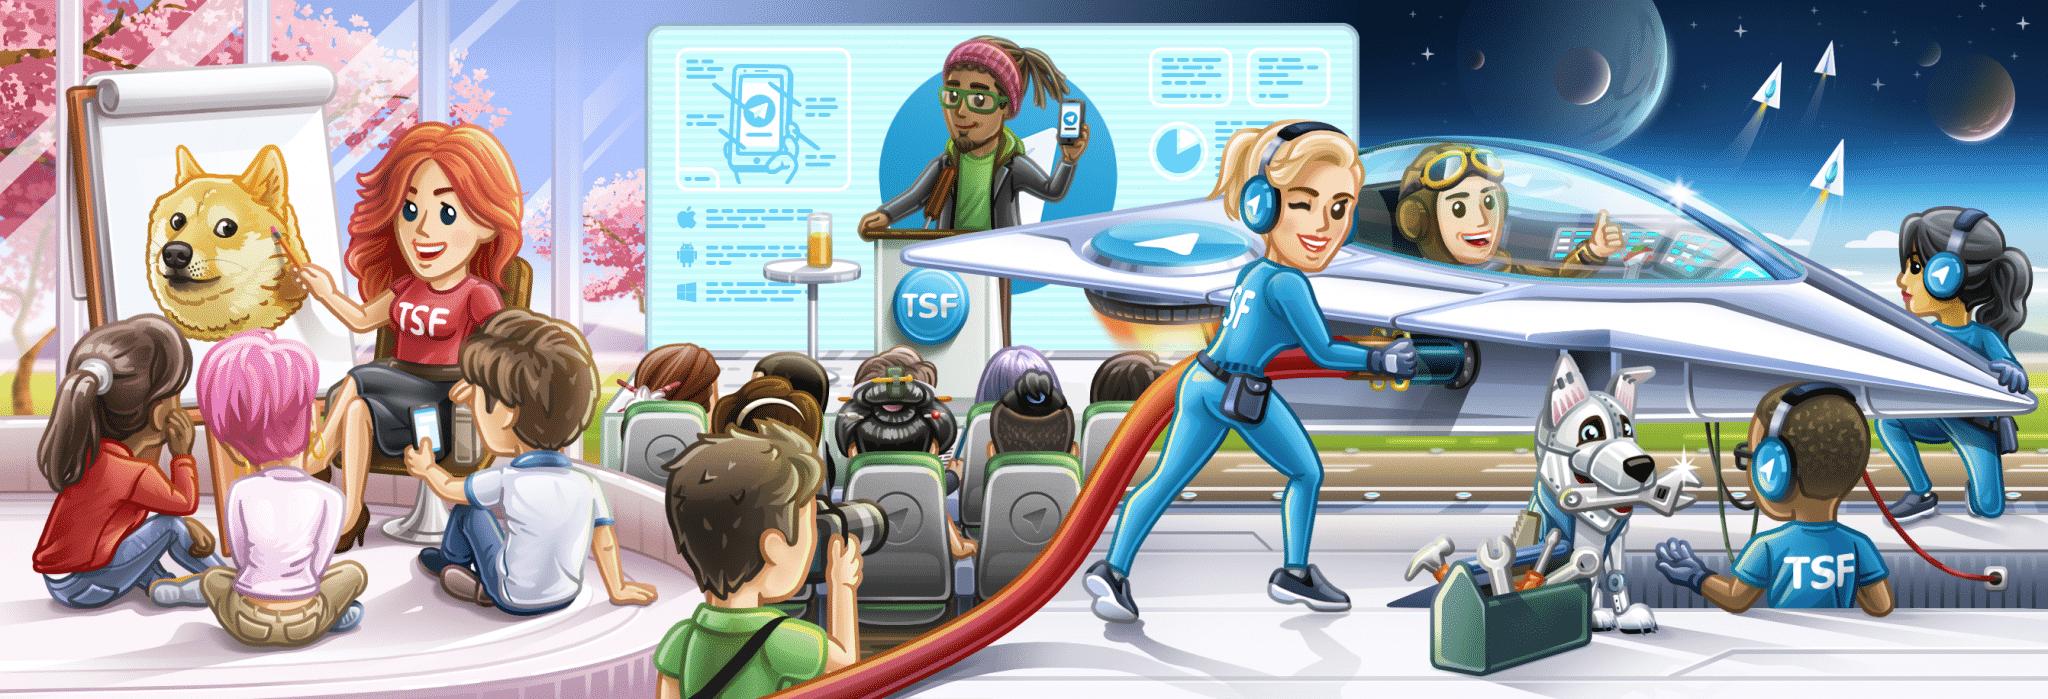 نحوه ساخت کانال تلگرام